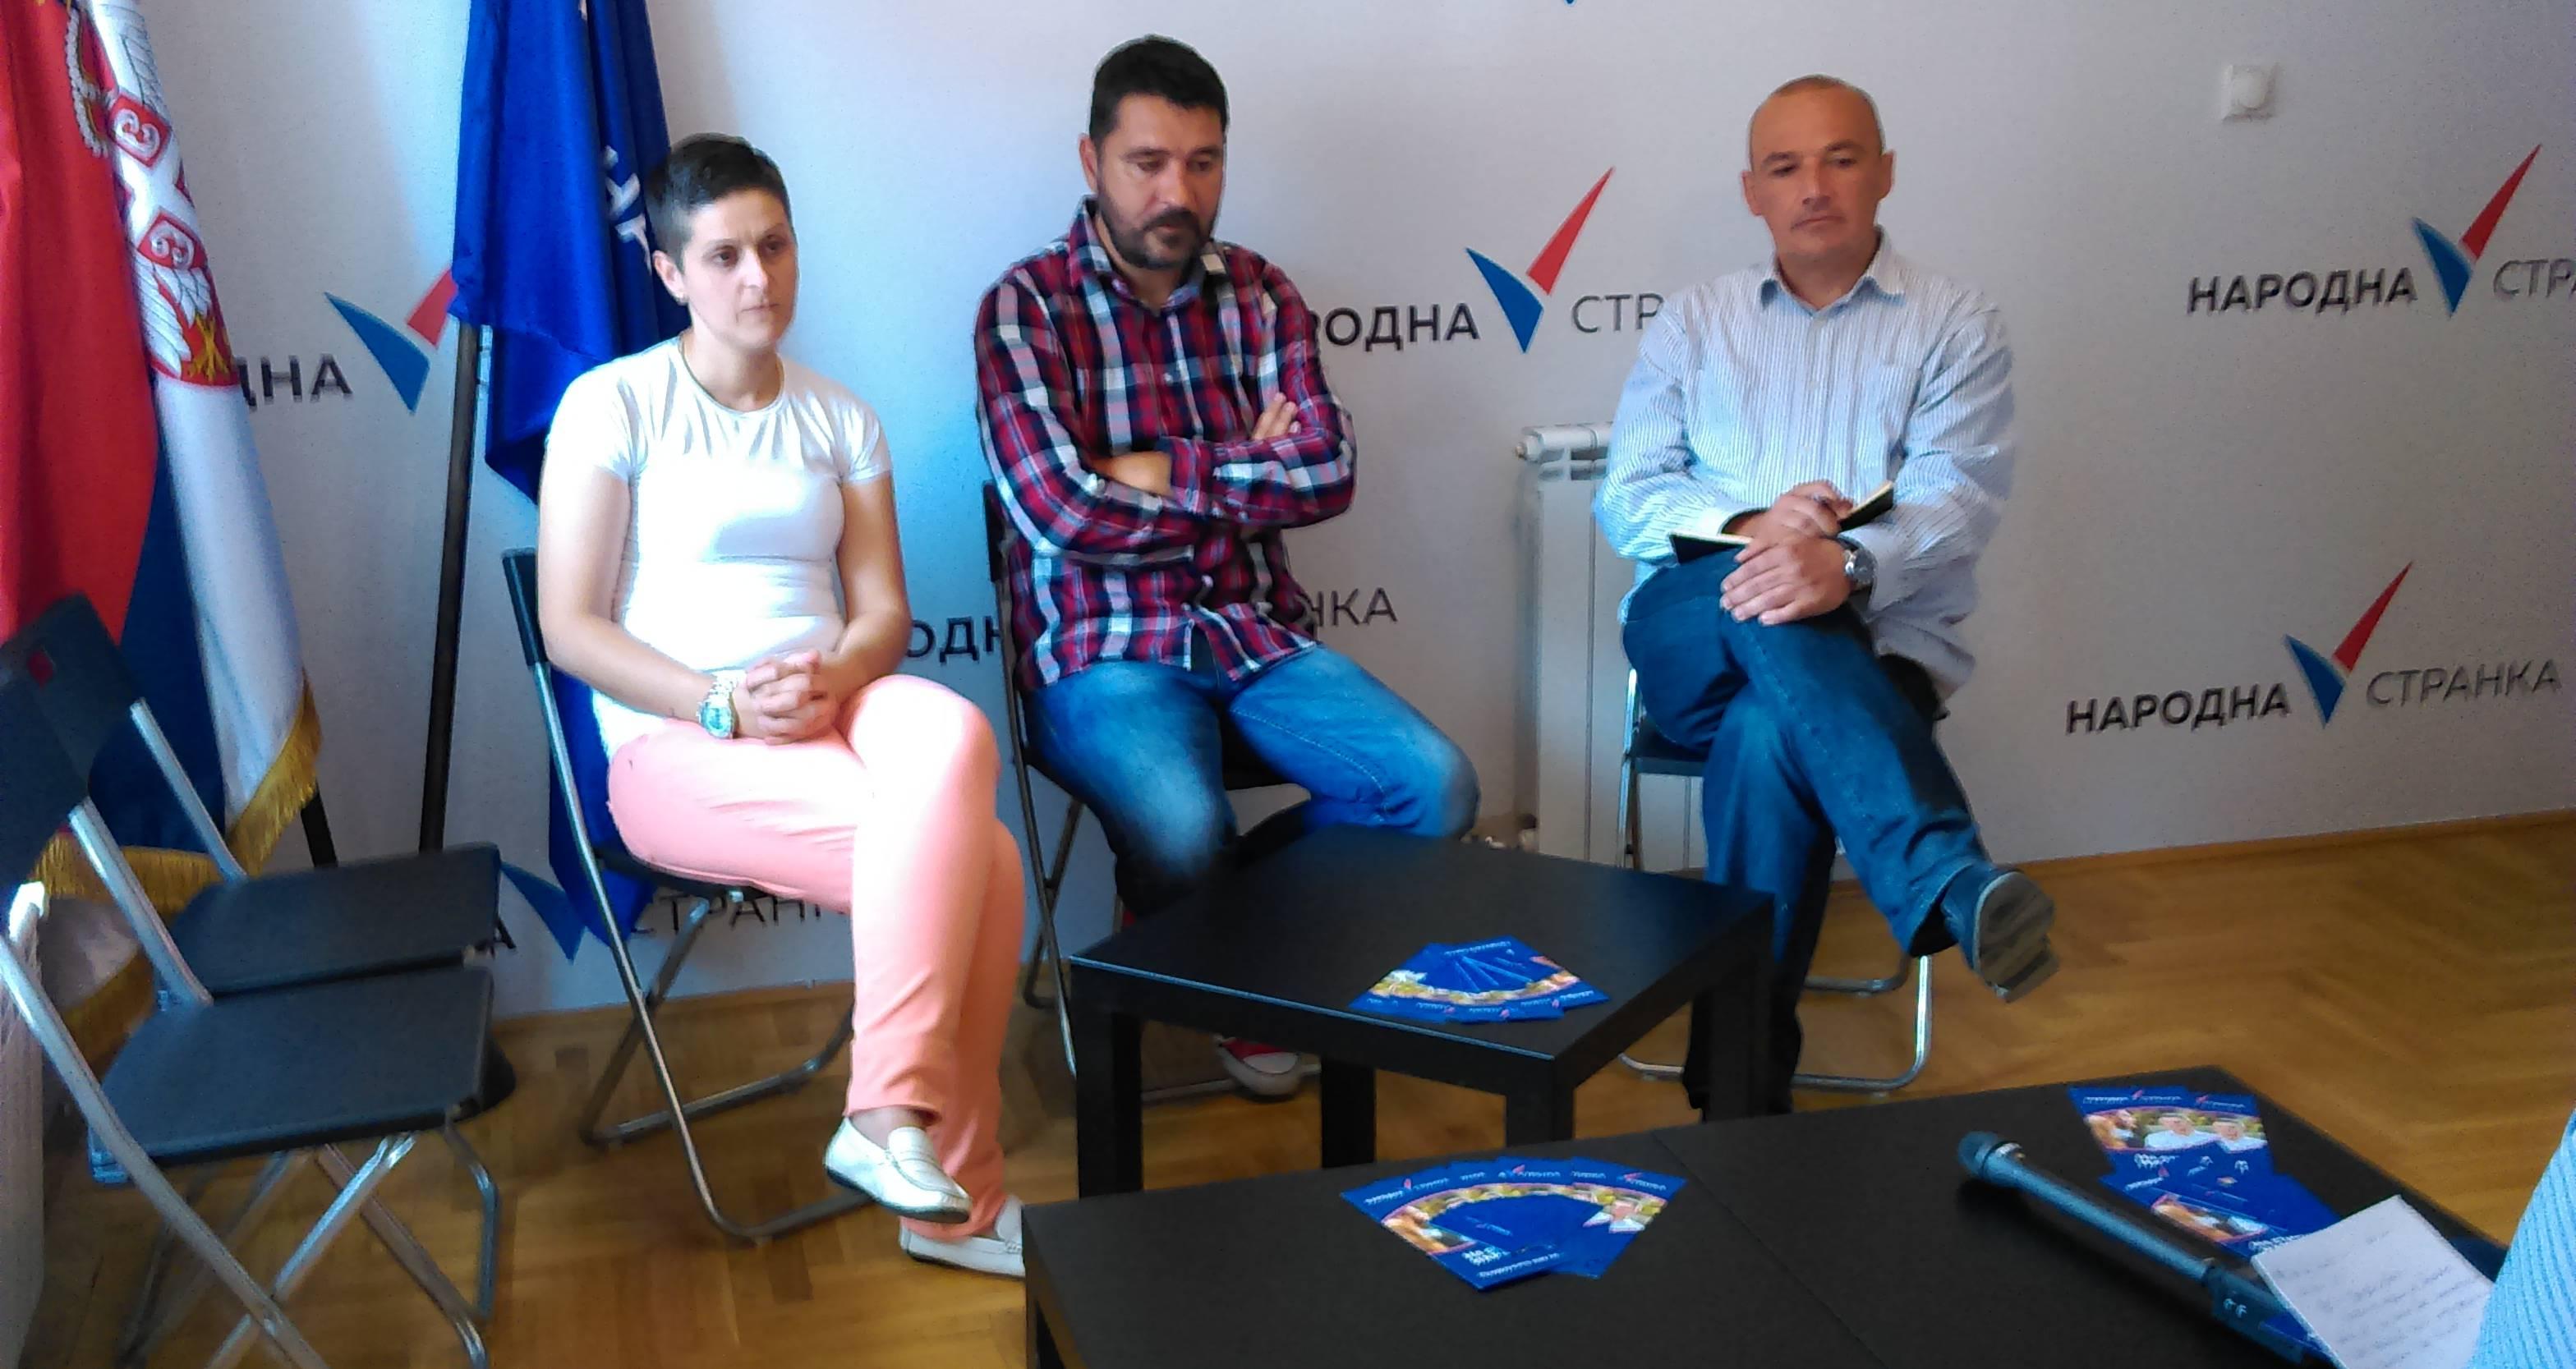 Бабић: У Крагујевцу што пре формирати заједнички фронт опозиције